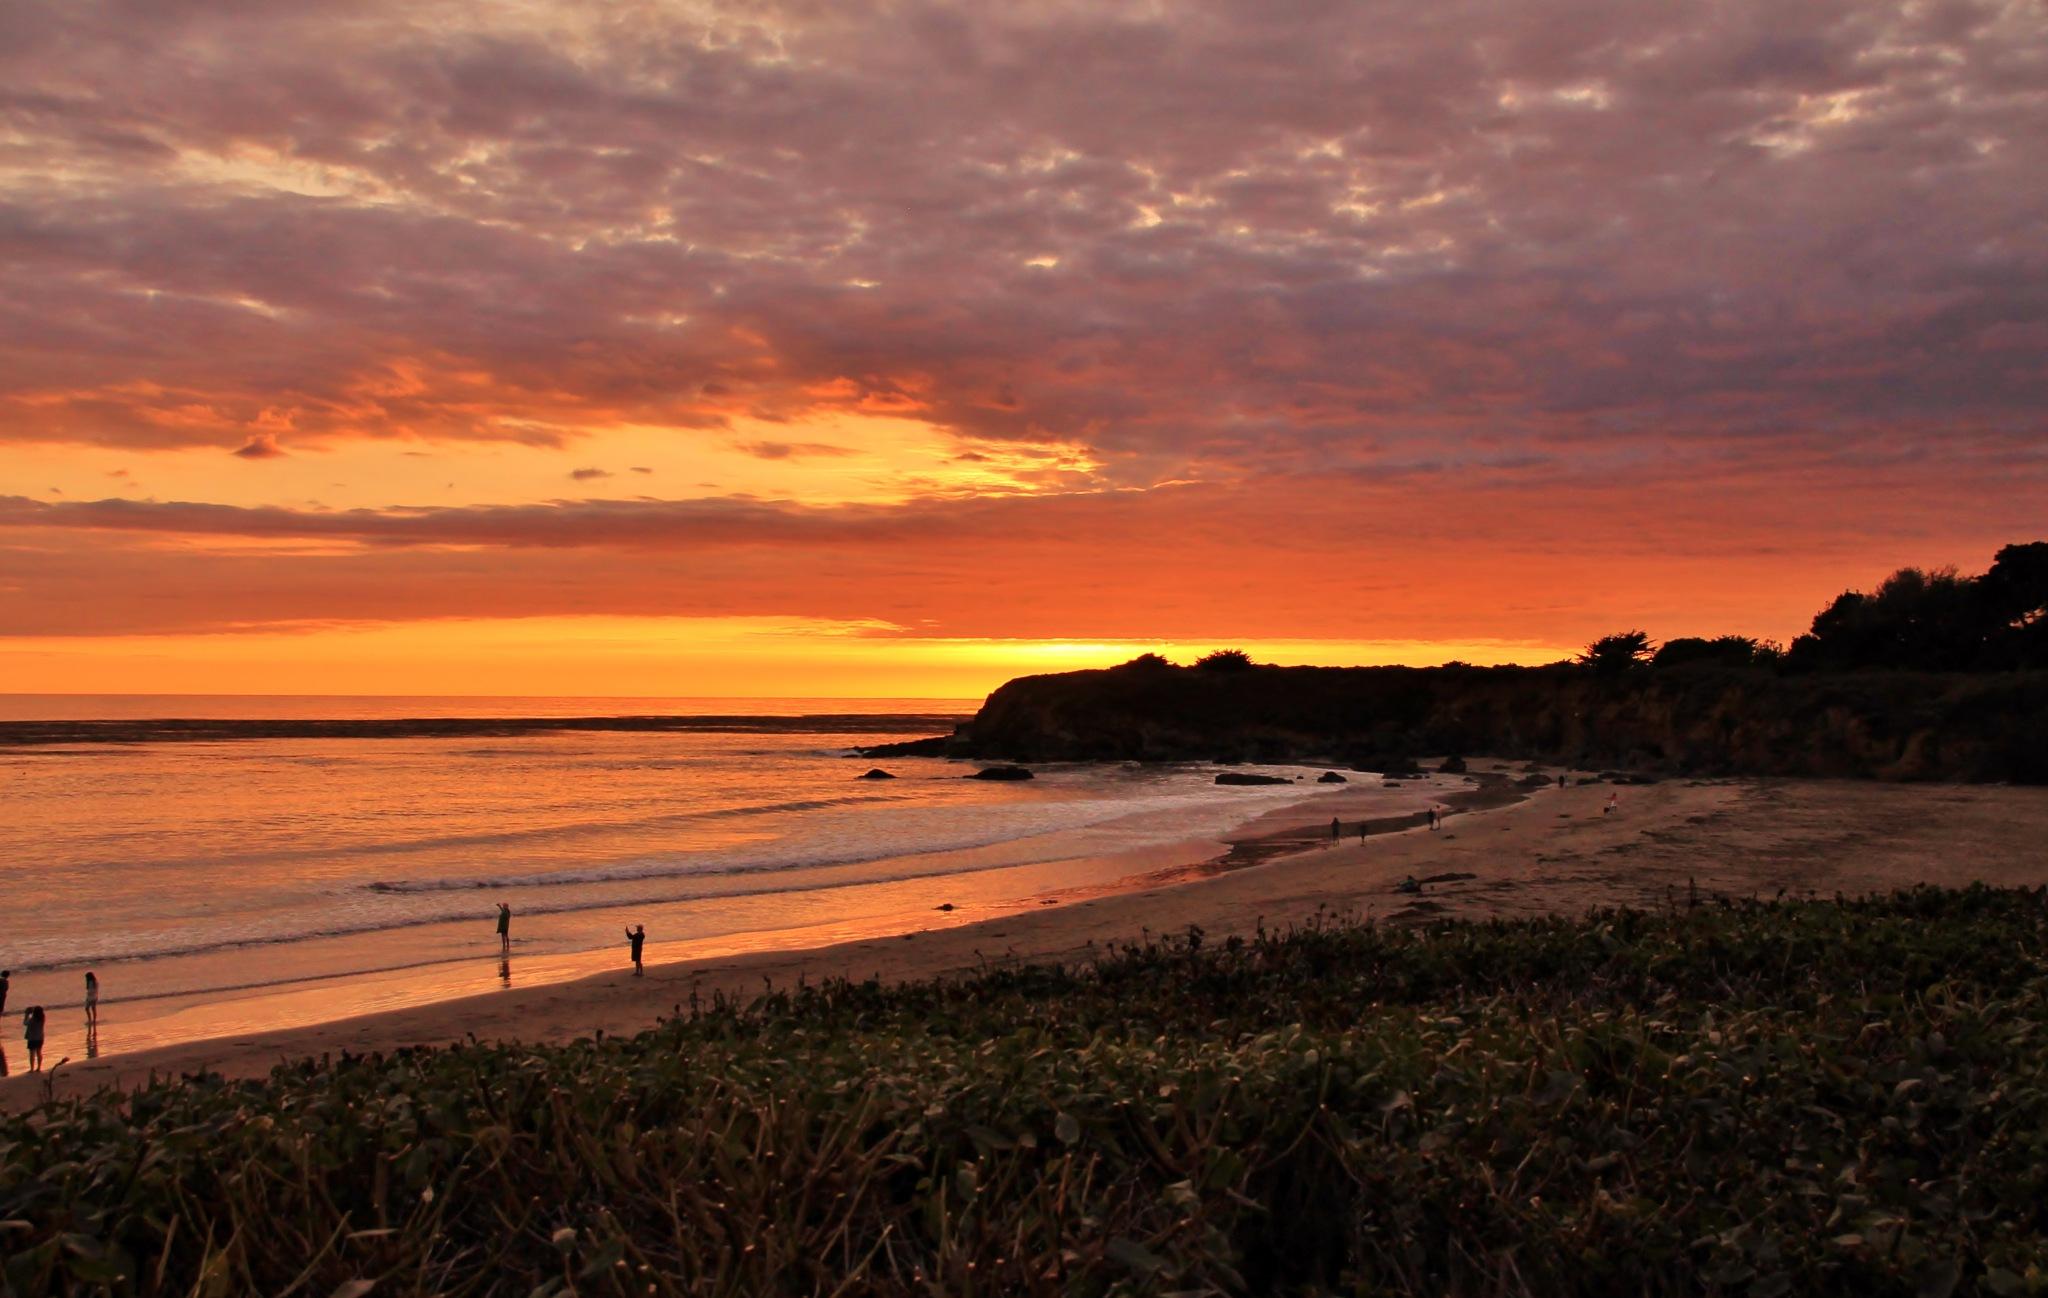 Cali Sunset San Simeon by yehaa_2001